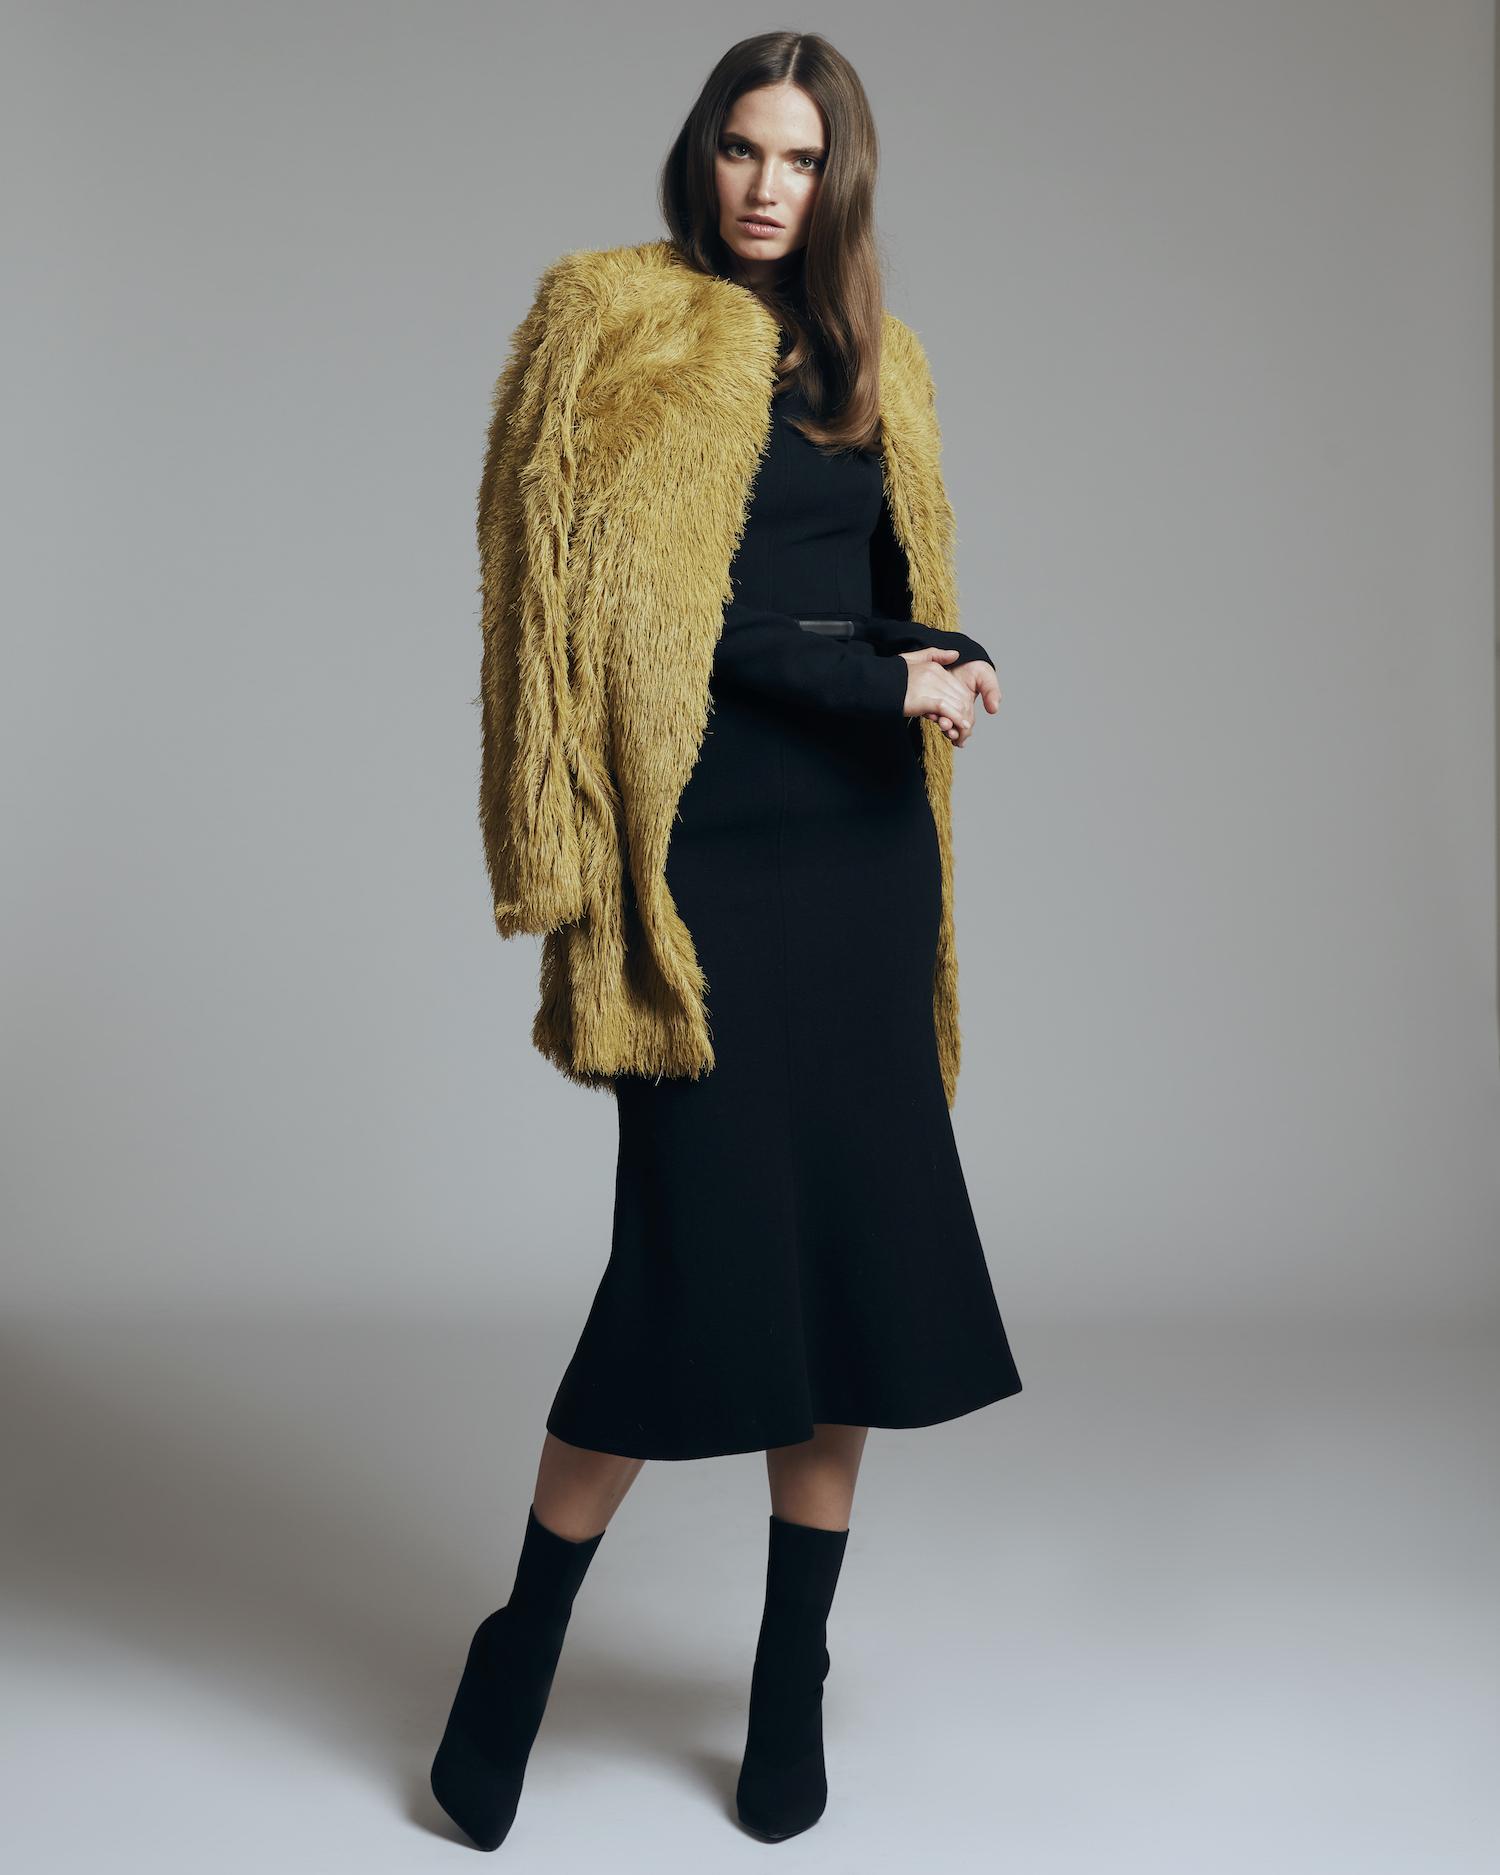 Dimitri Kleid schwarz Modepilot Gewinnspiel Adventskalender